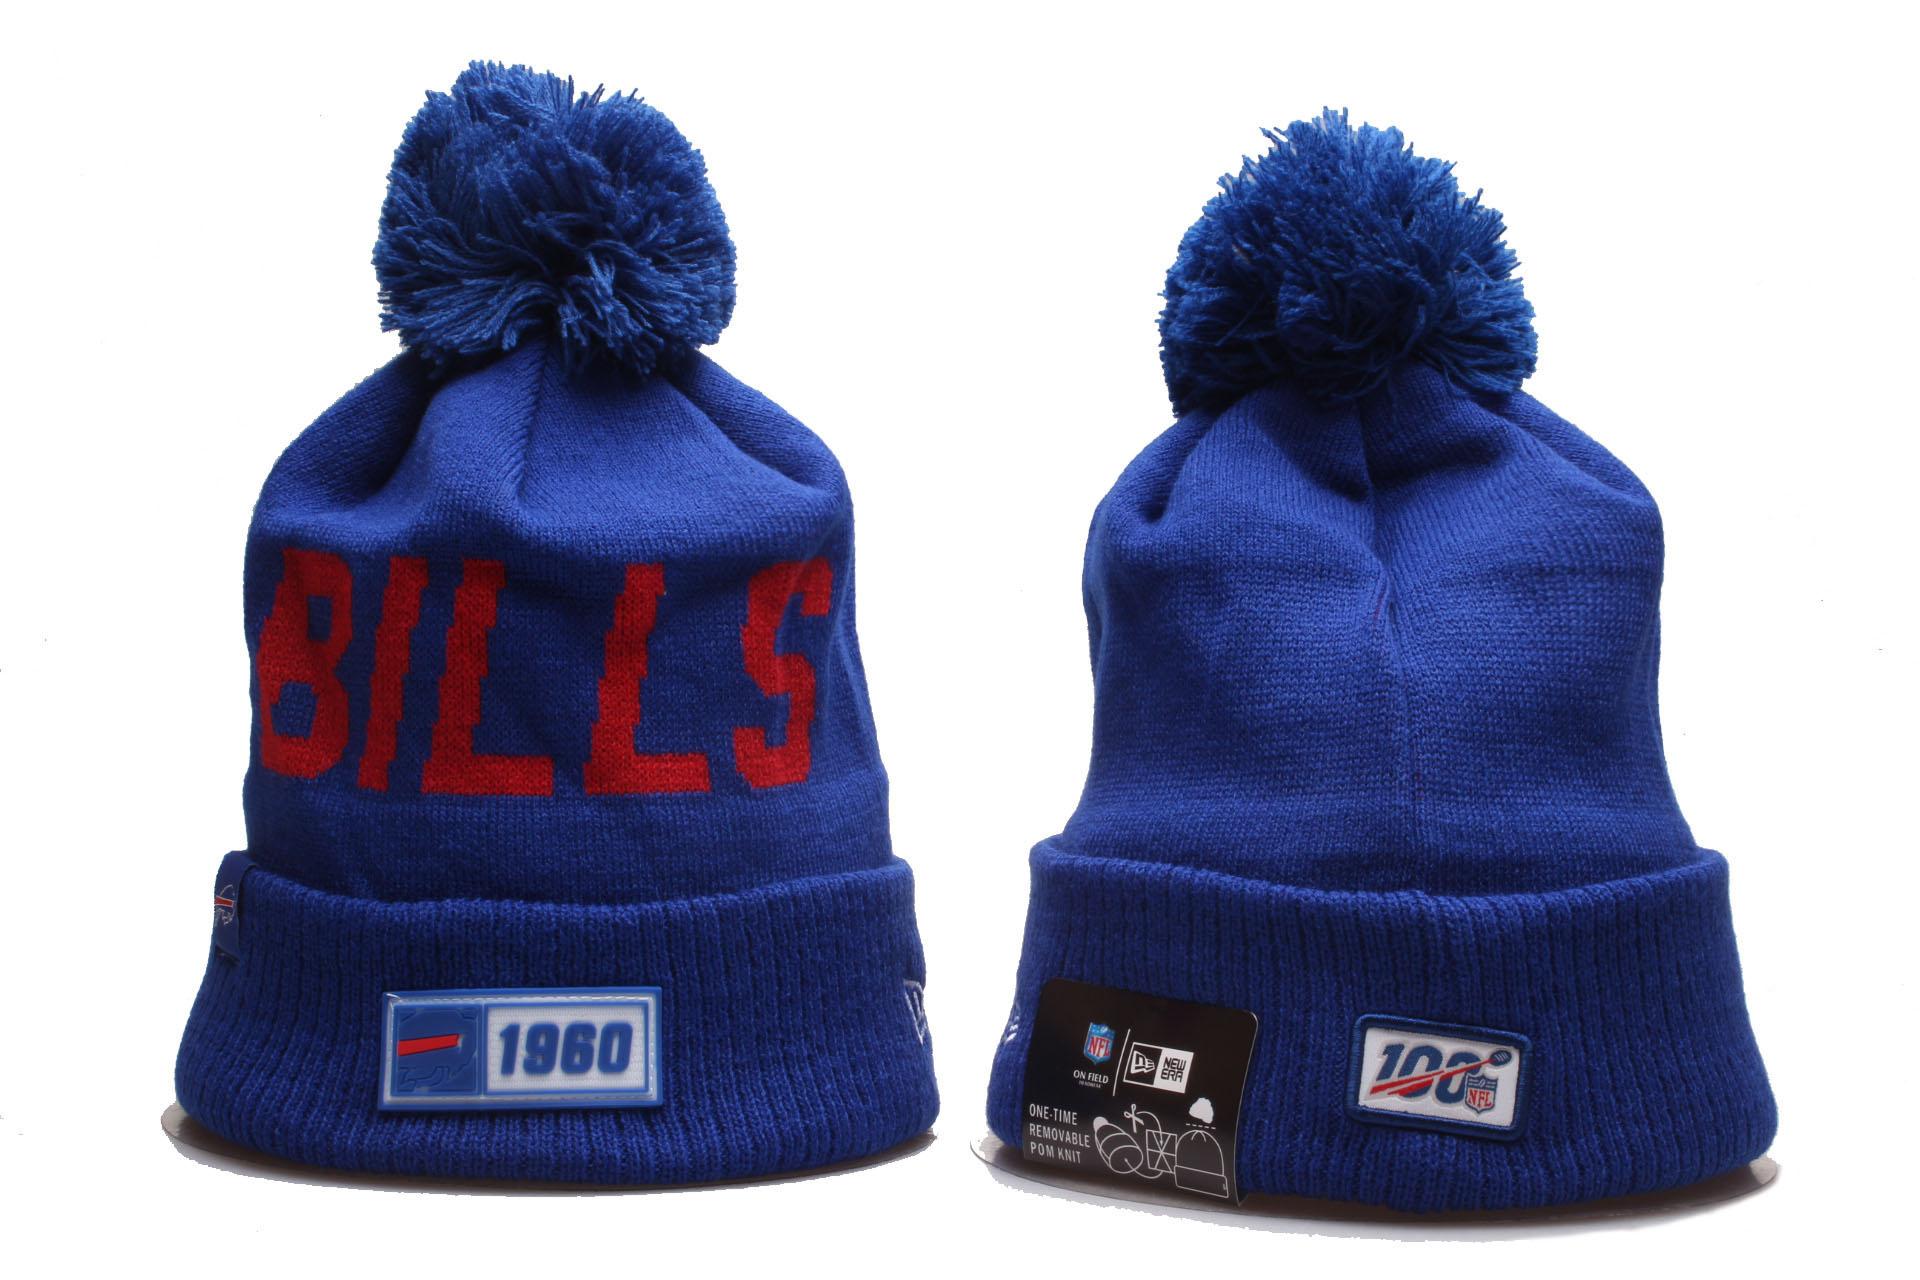 Bills Team Logo Blue 100th Season Cuffed Pom Knit Hat YP